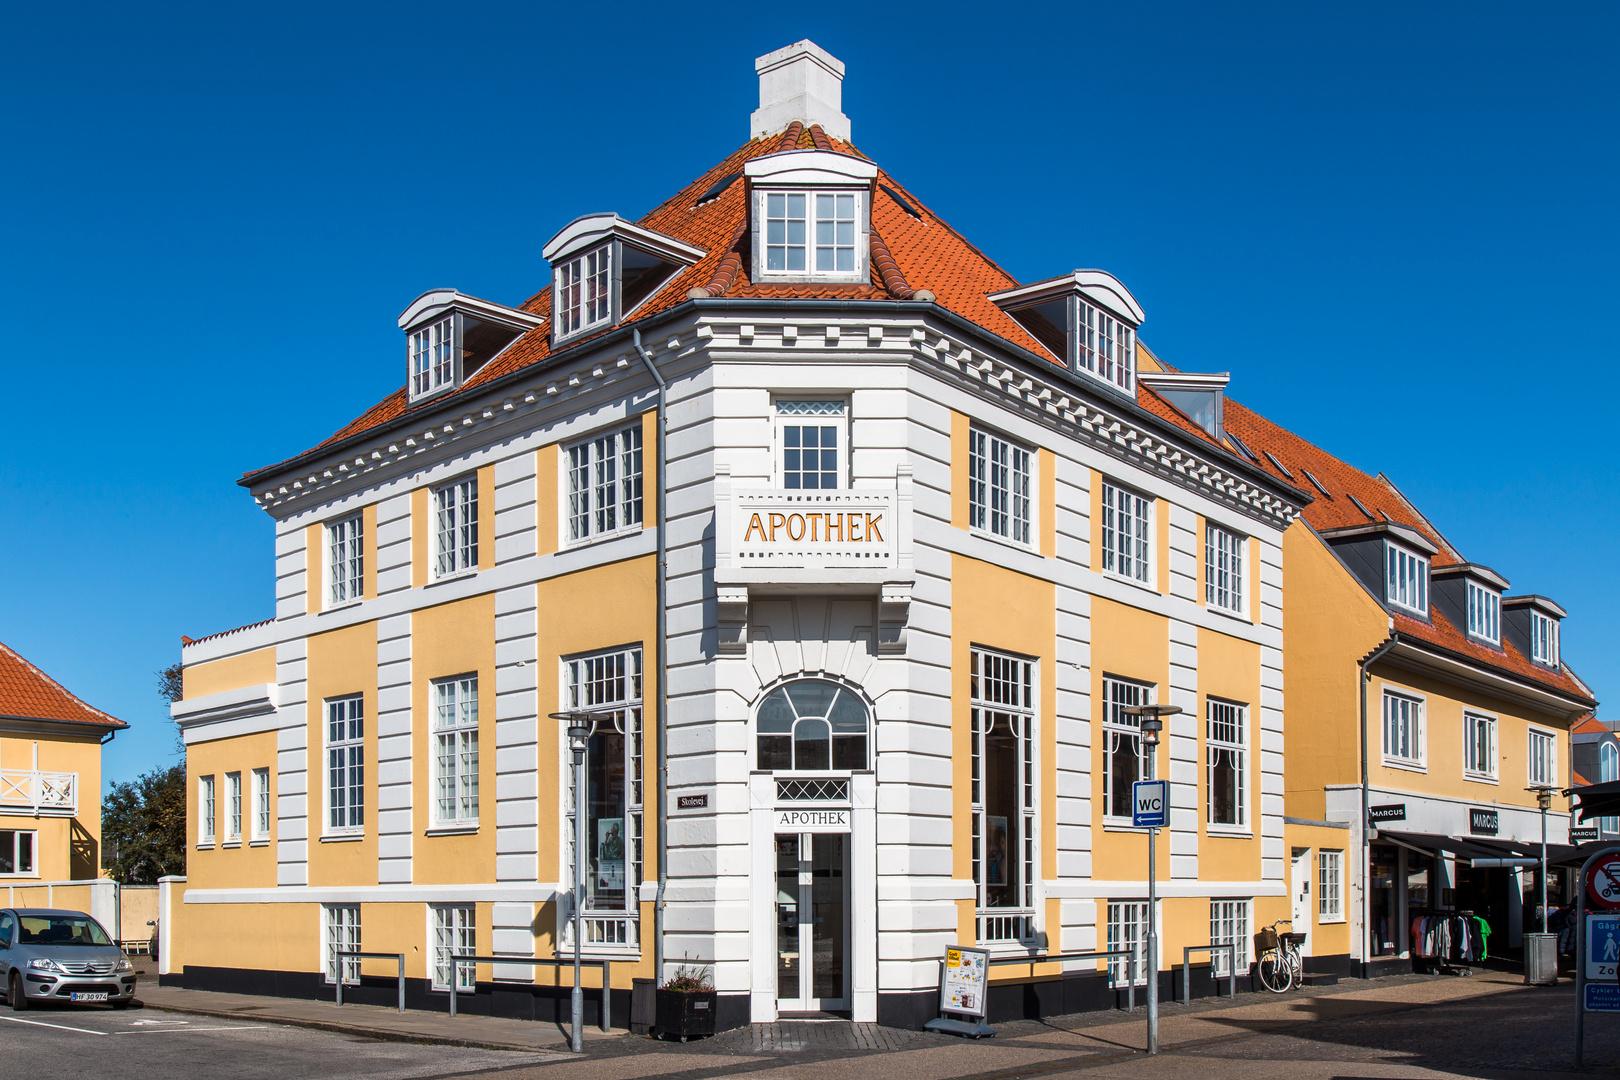 Apotheke in Skagen